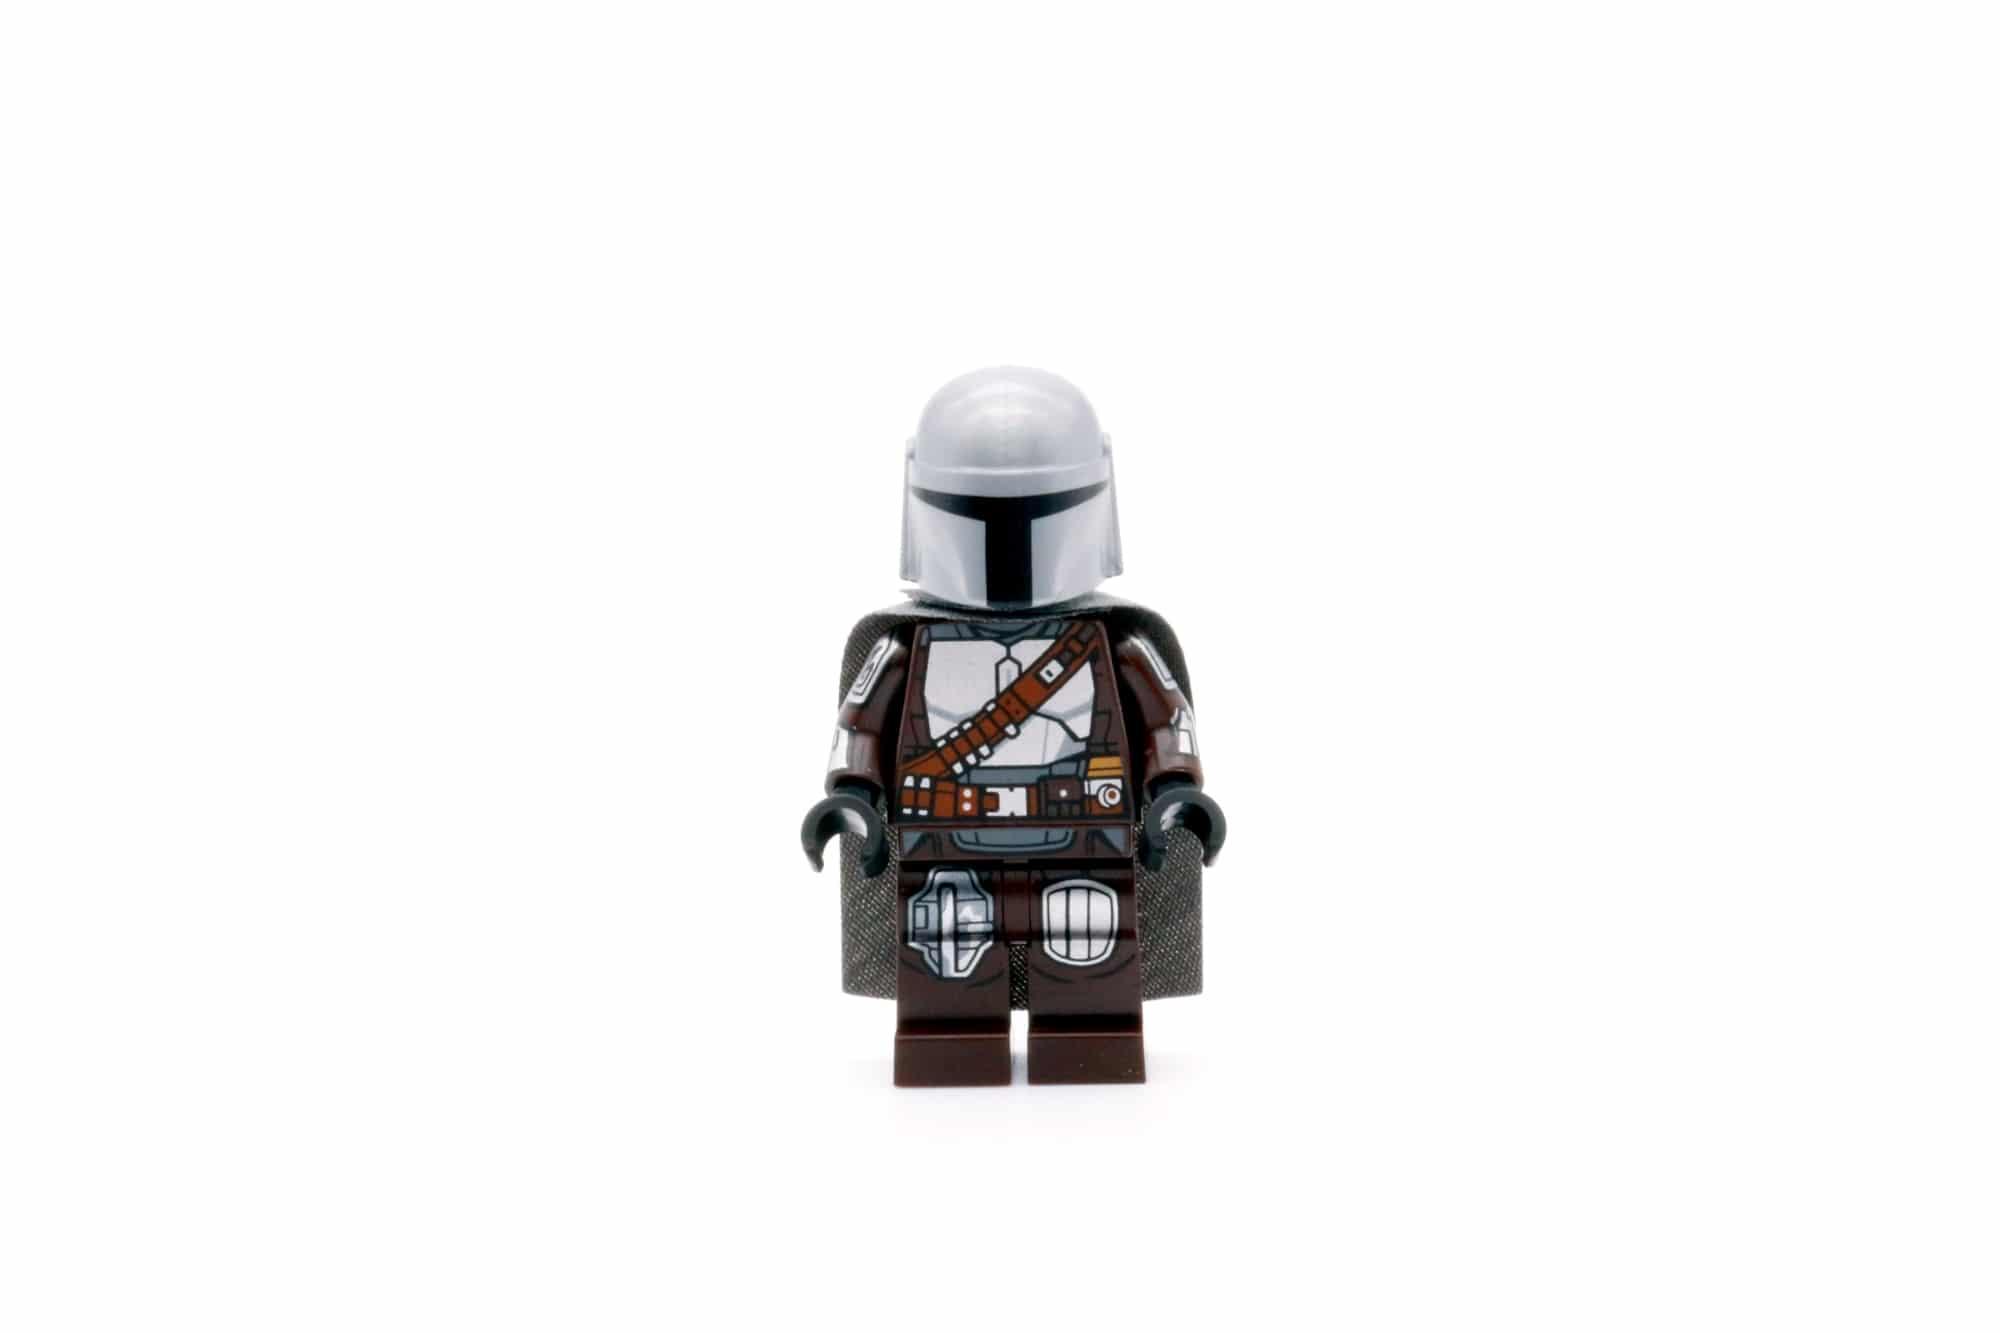 LEGO Star Wars 75312 Boba Fetts Starship 42